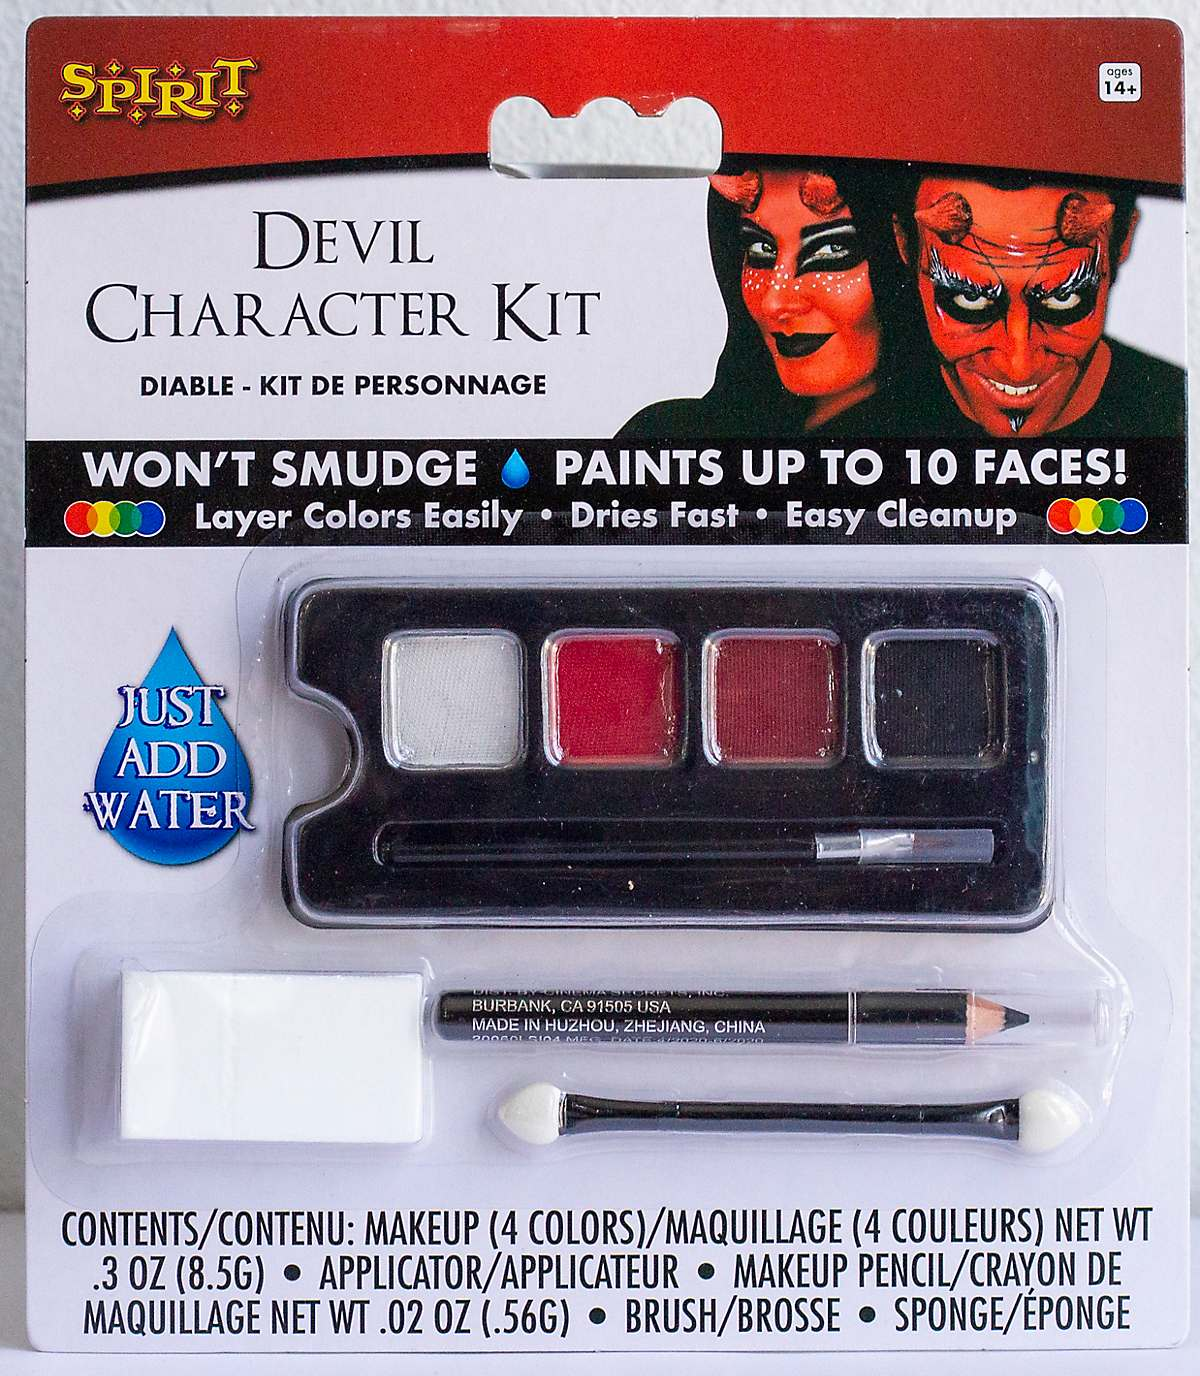 Devil makeup character kit